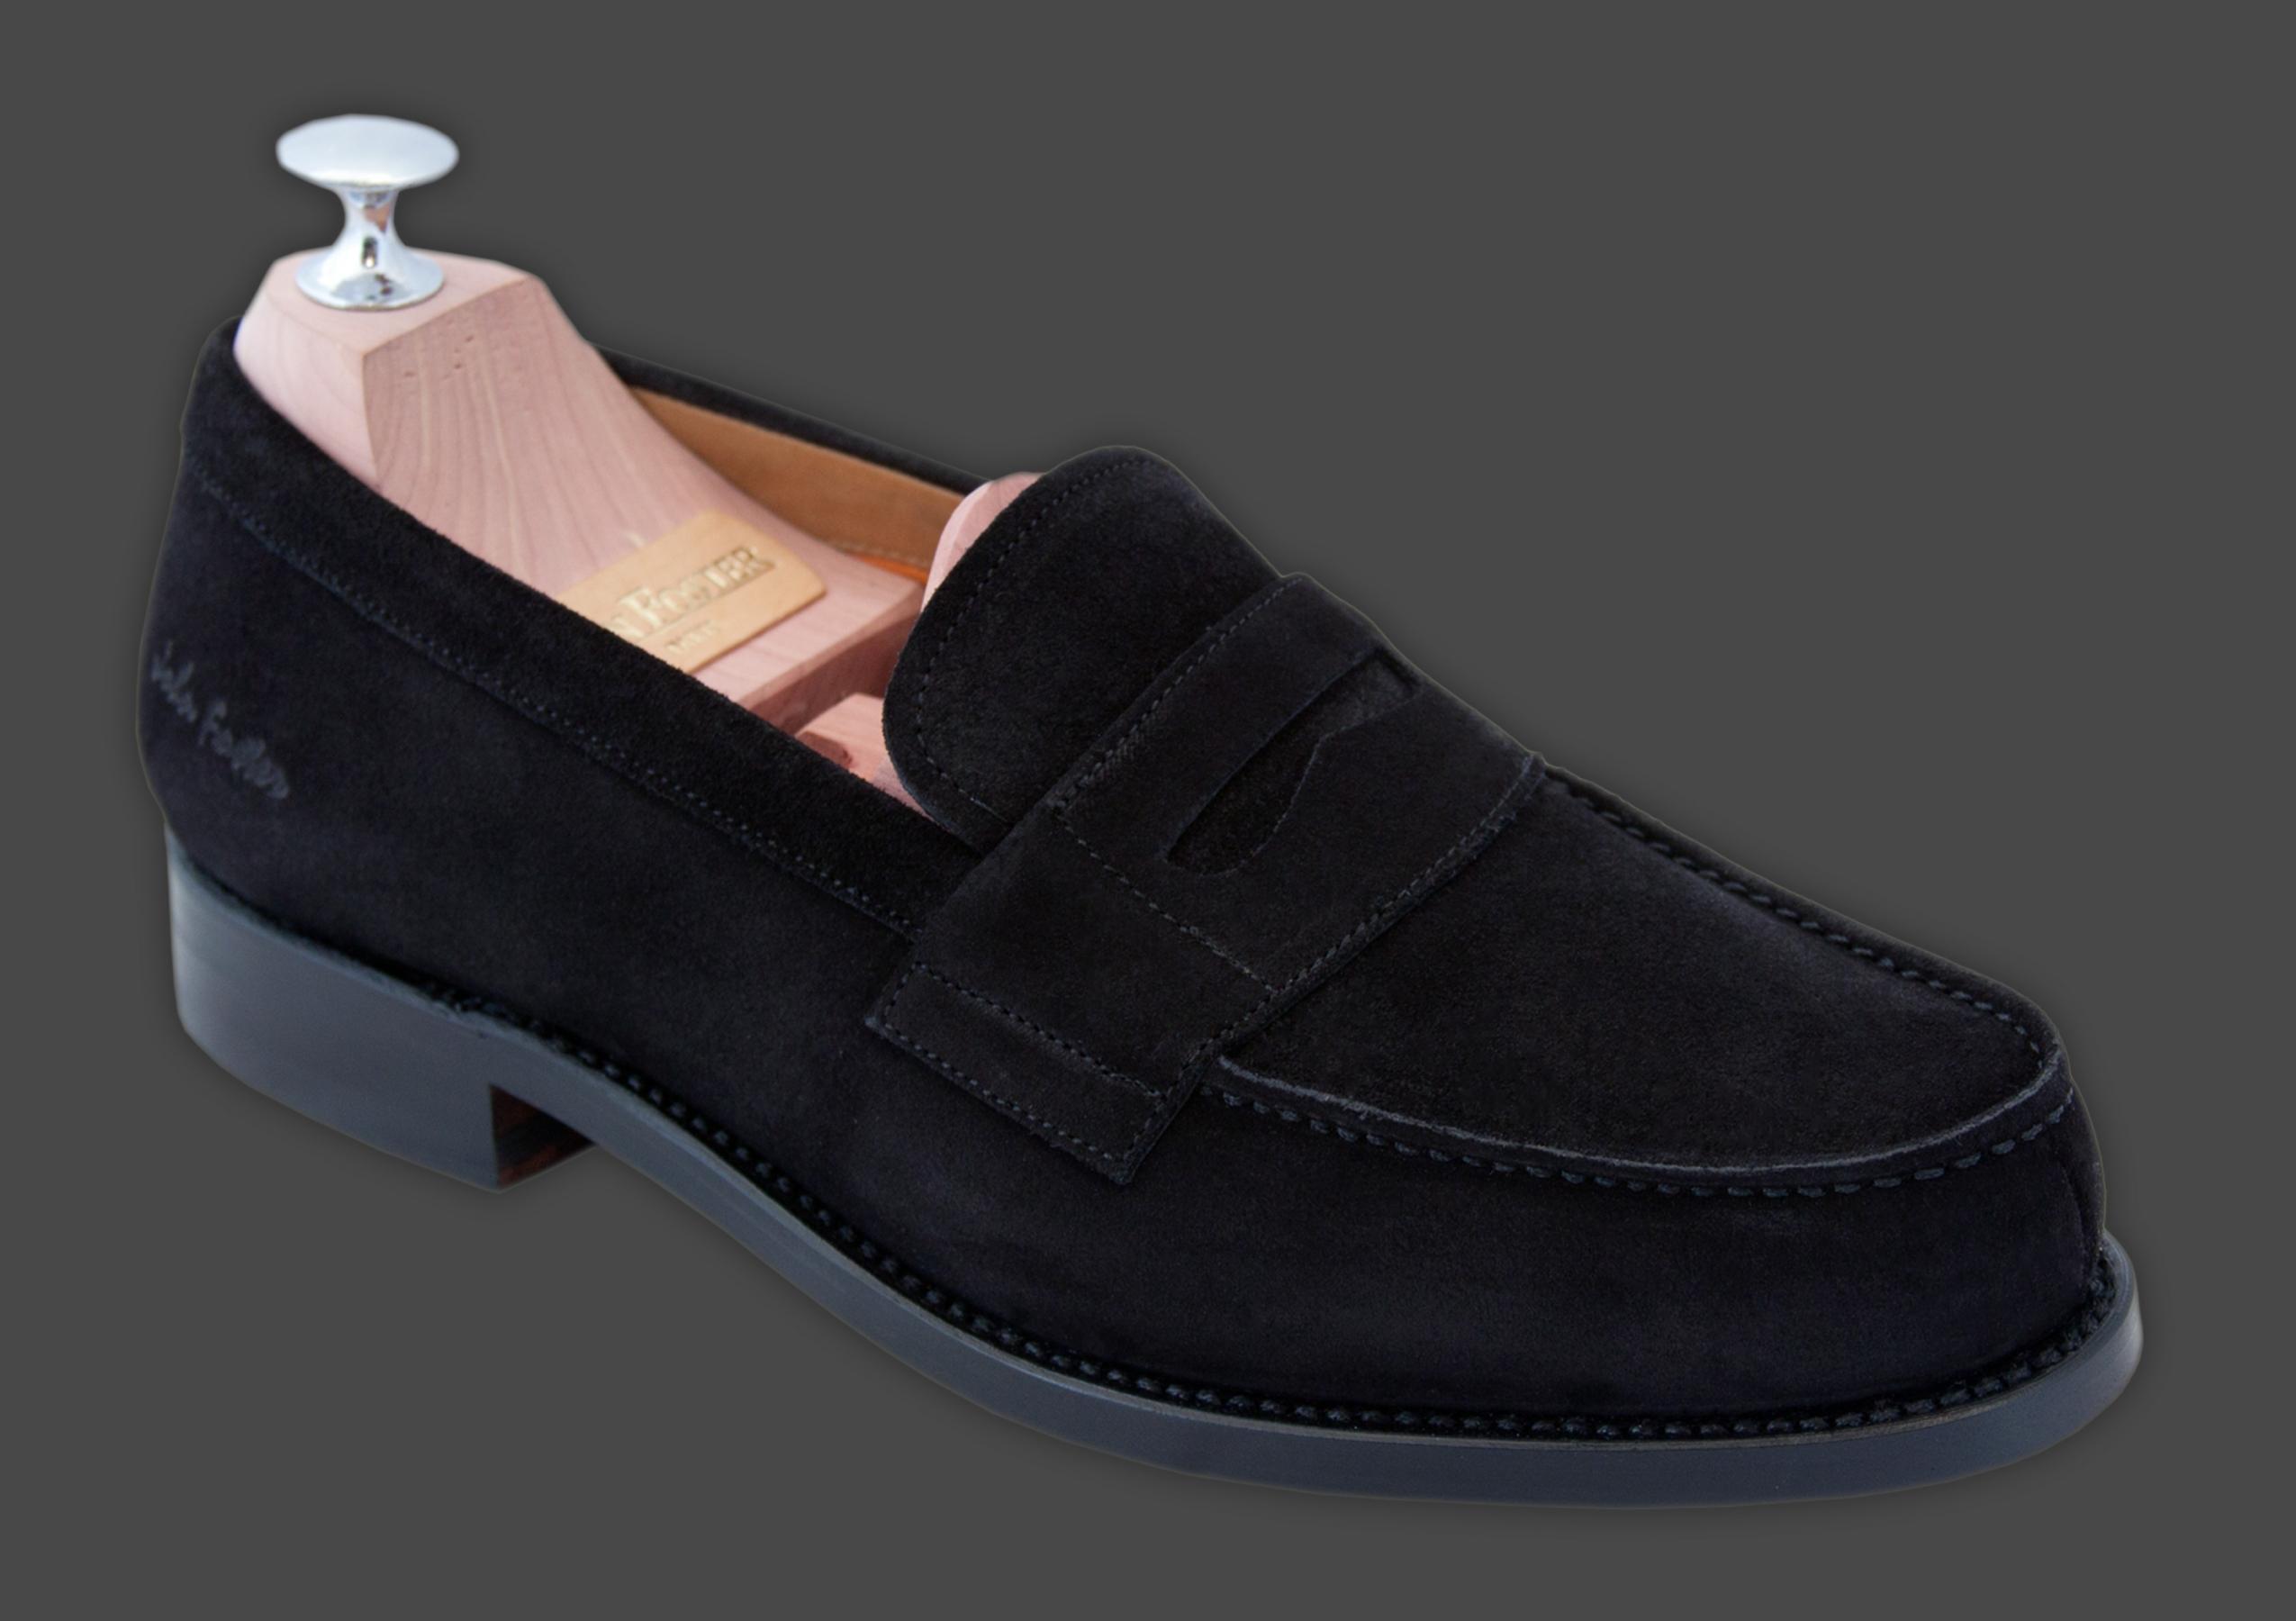 Harvard daim noir - Comment cirer des chaussures ...